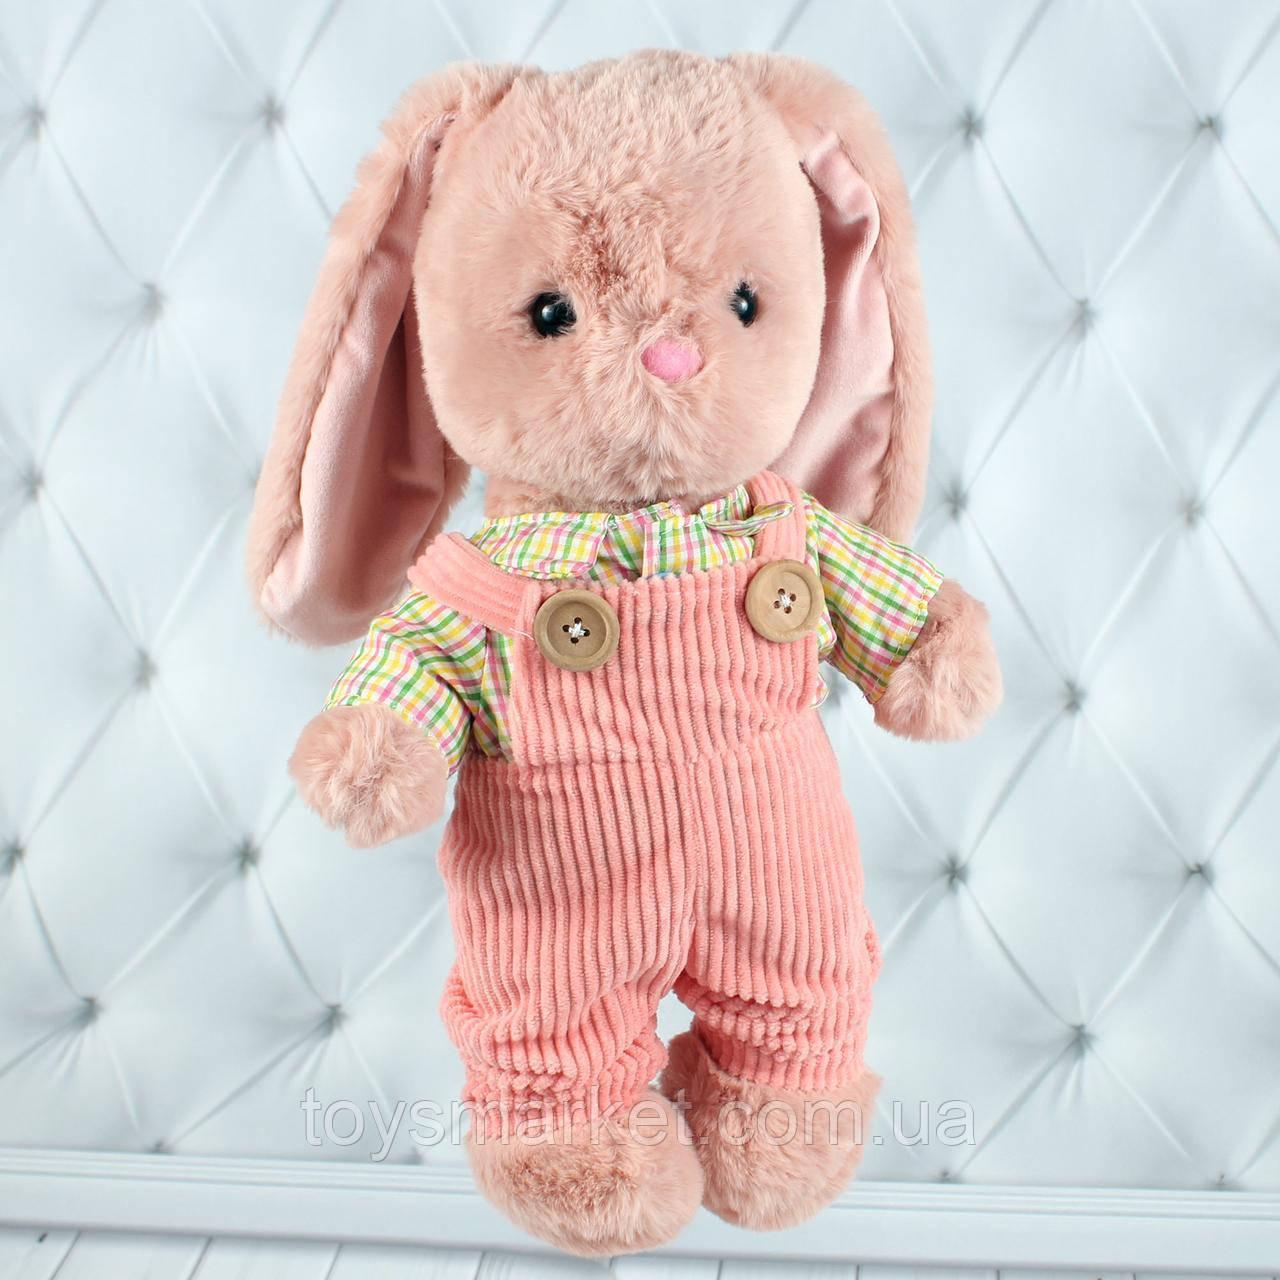 Мягкая игрушка зайка Николя, плюшевый зайчик 35 см.